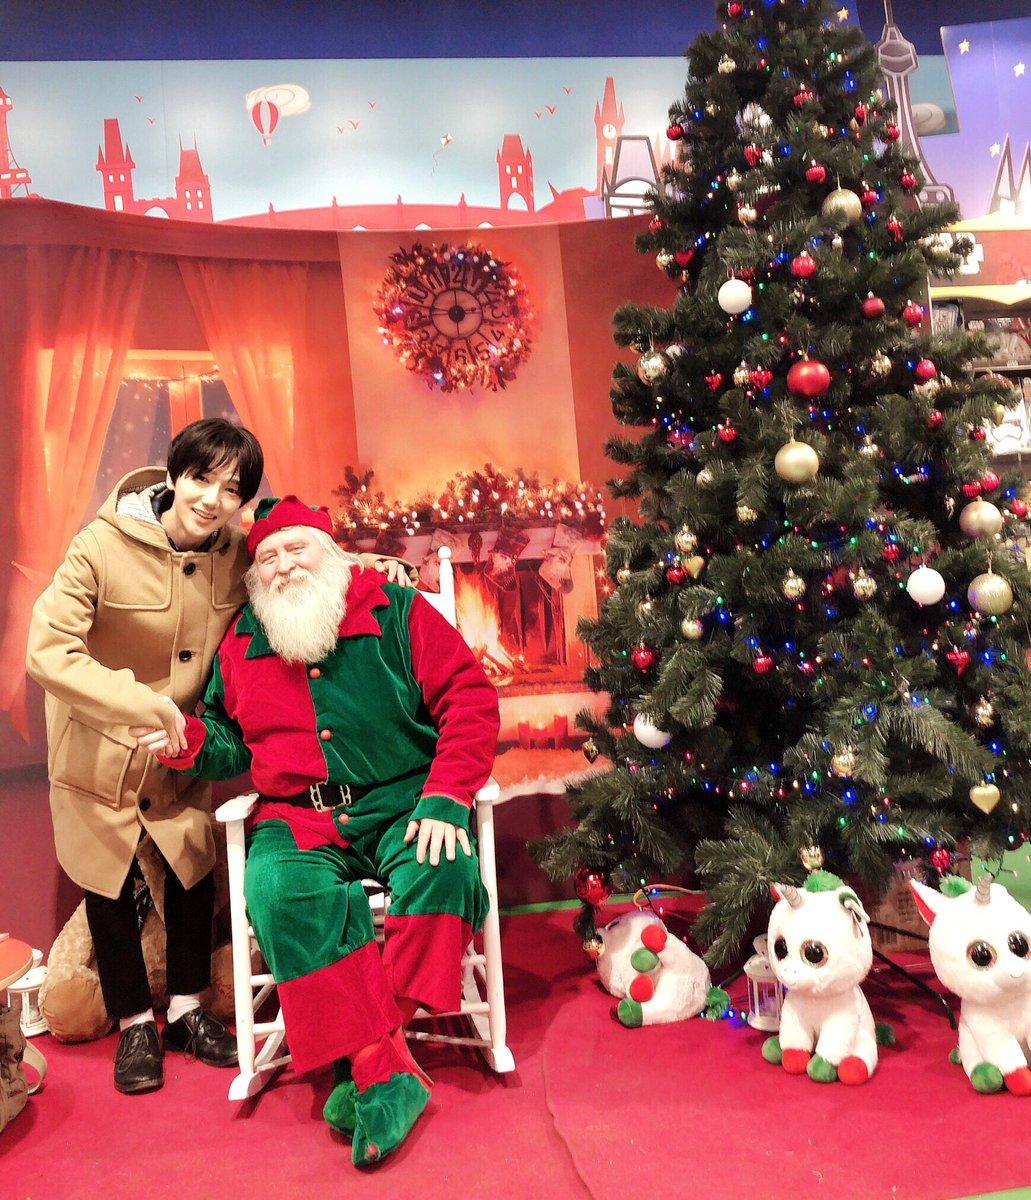 Czech already Christmas 🎄 #Santaclaus